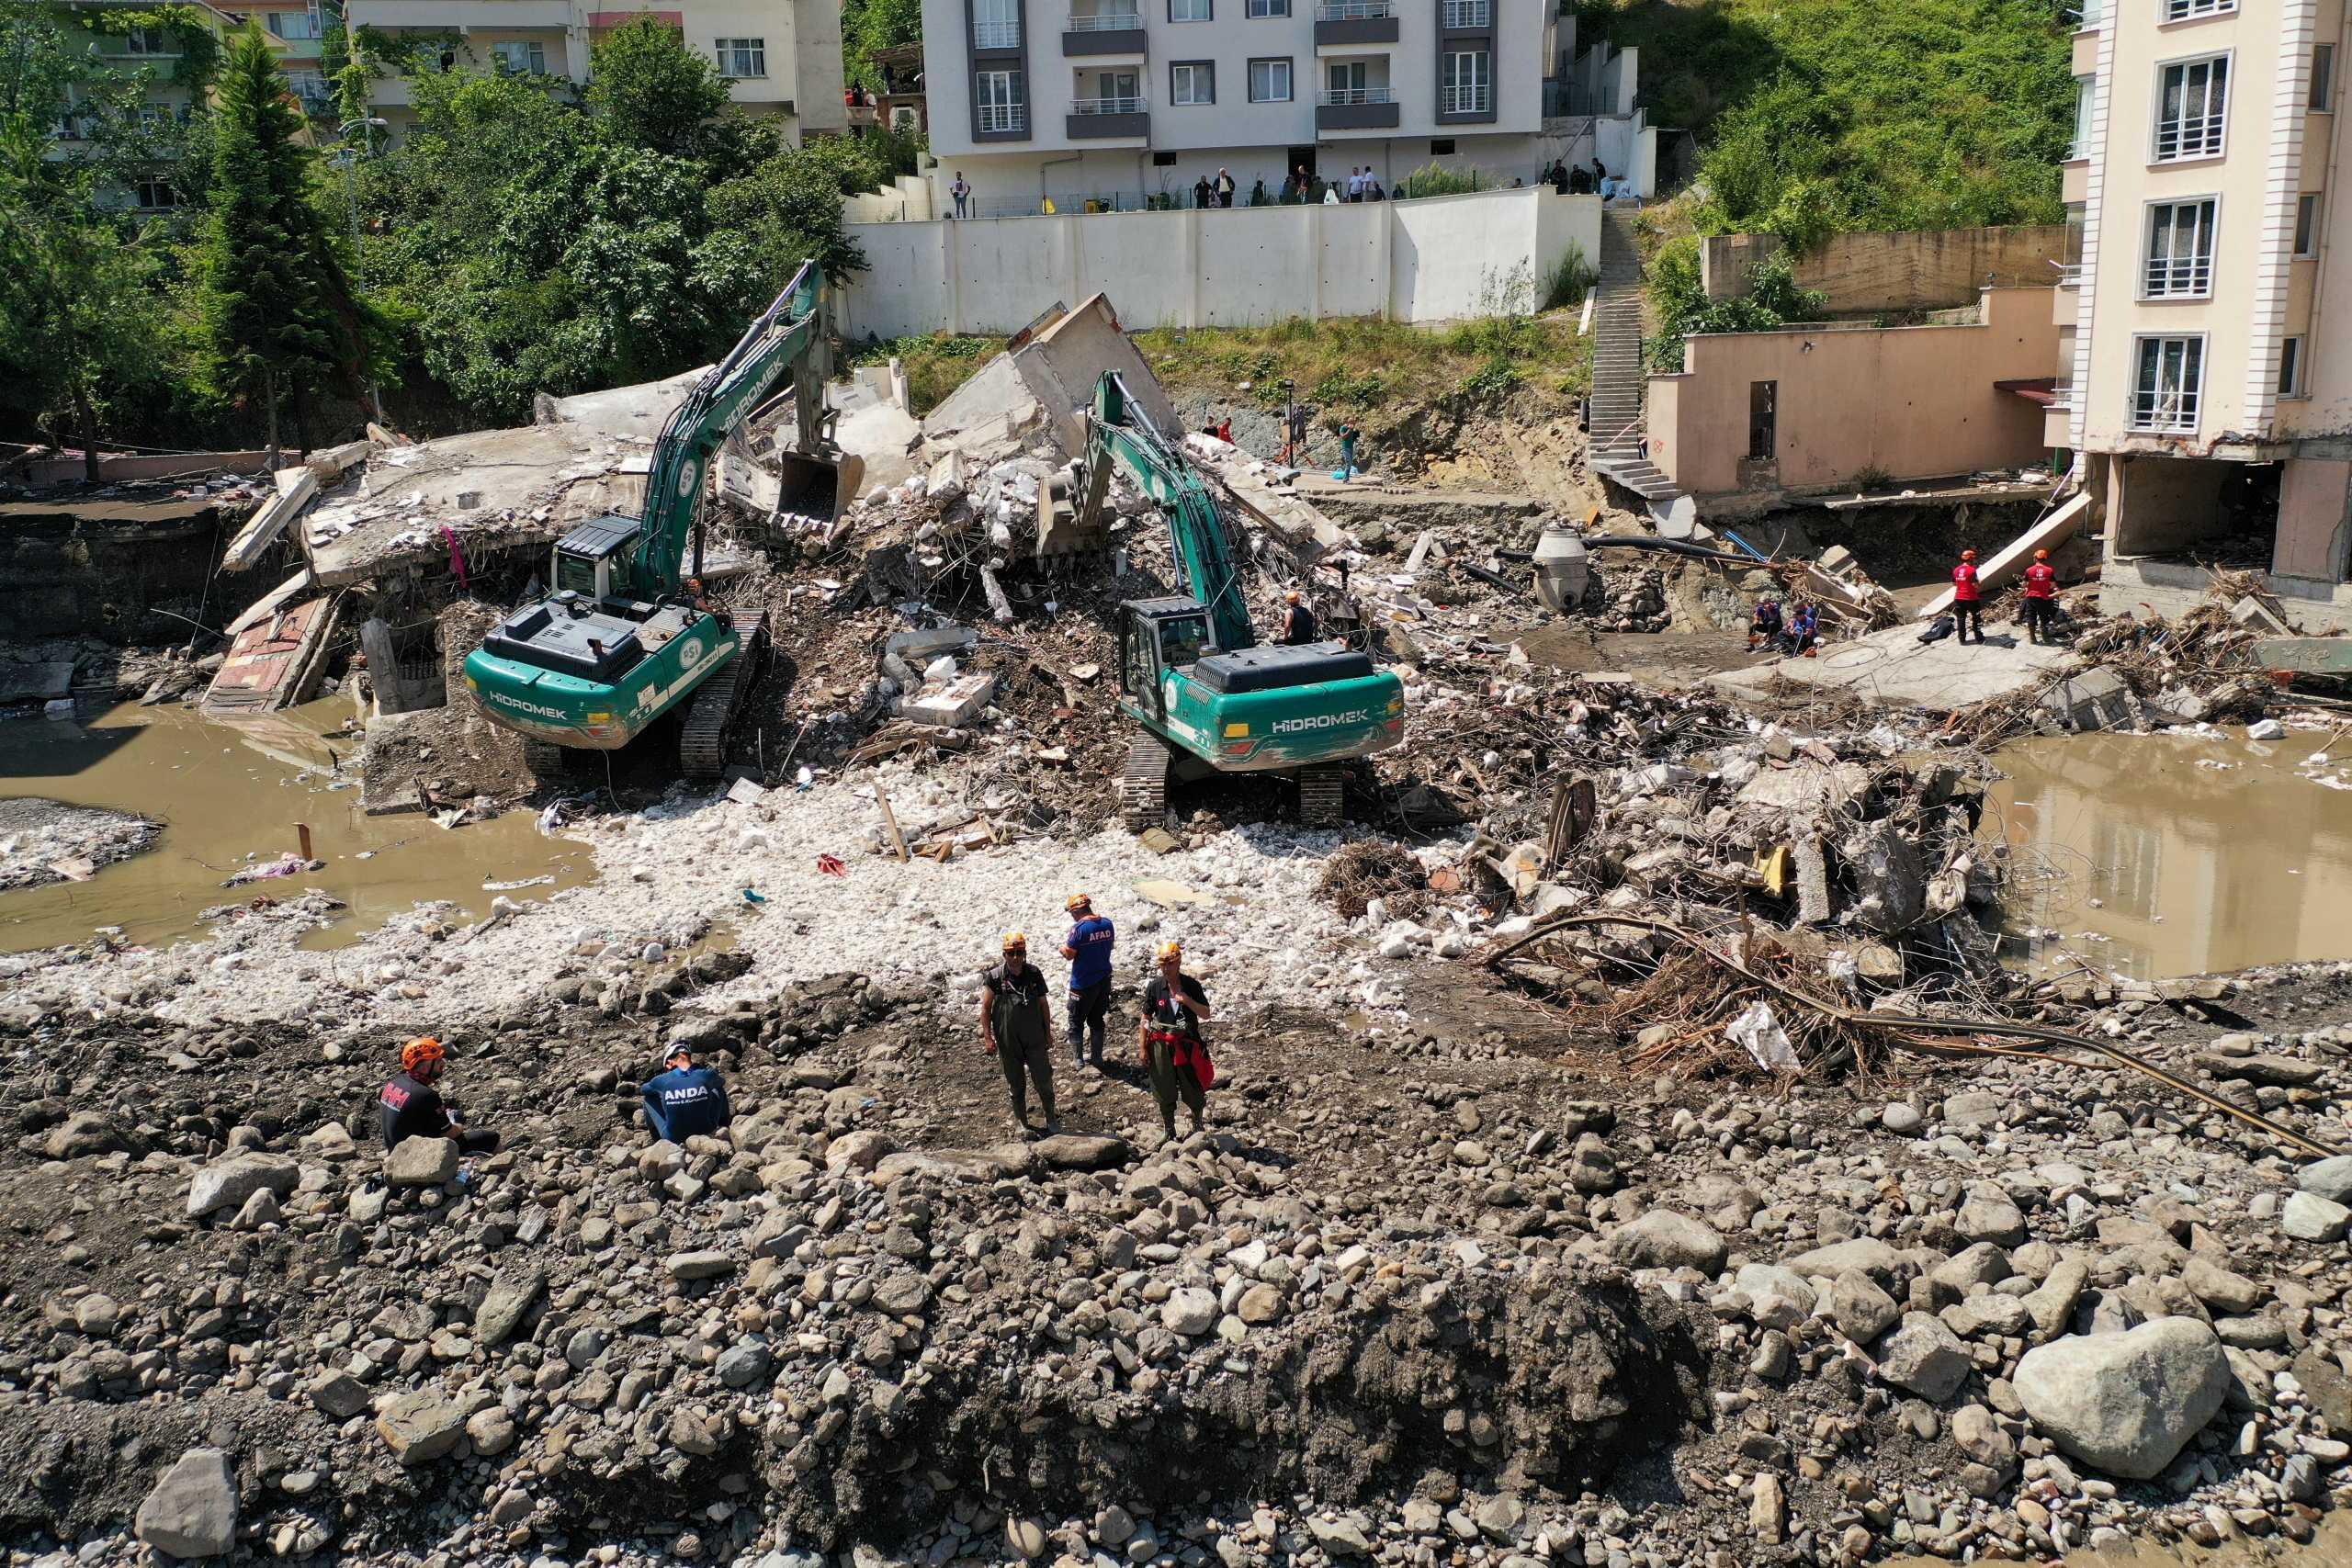 Τουρκία: Στους 62 οι νεκροί από τις πλημμύρες – Εικόνες βιβλικής καταστροφής